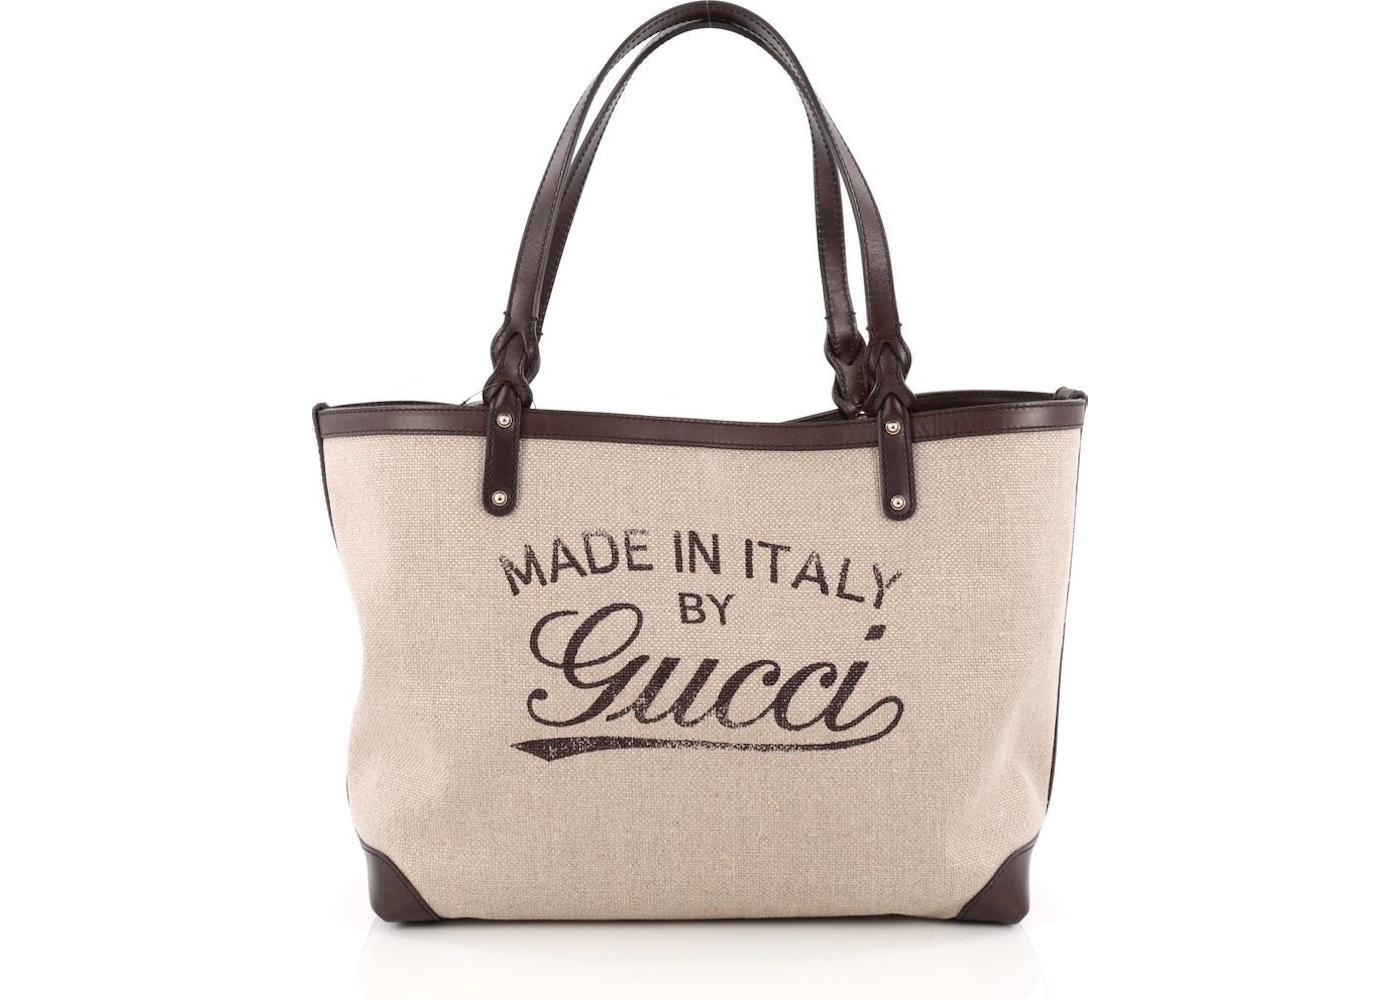 516a88fa2 Gucci Craft Tote Medium Beige. Medium Beige